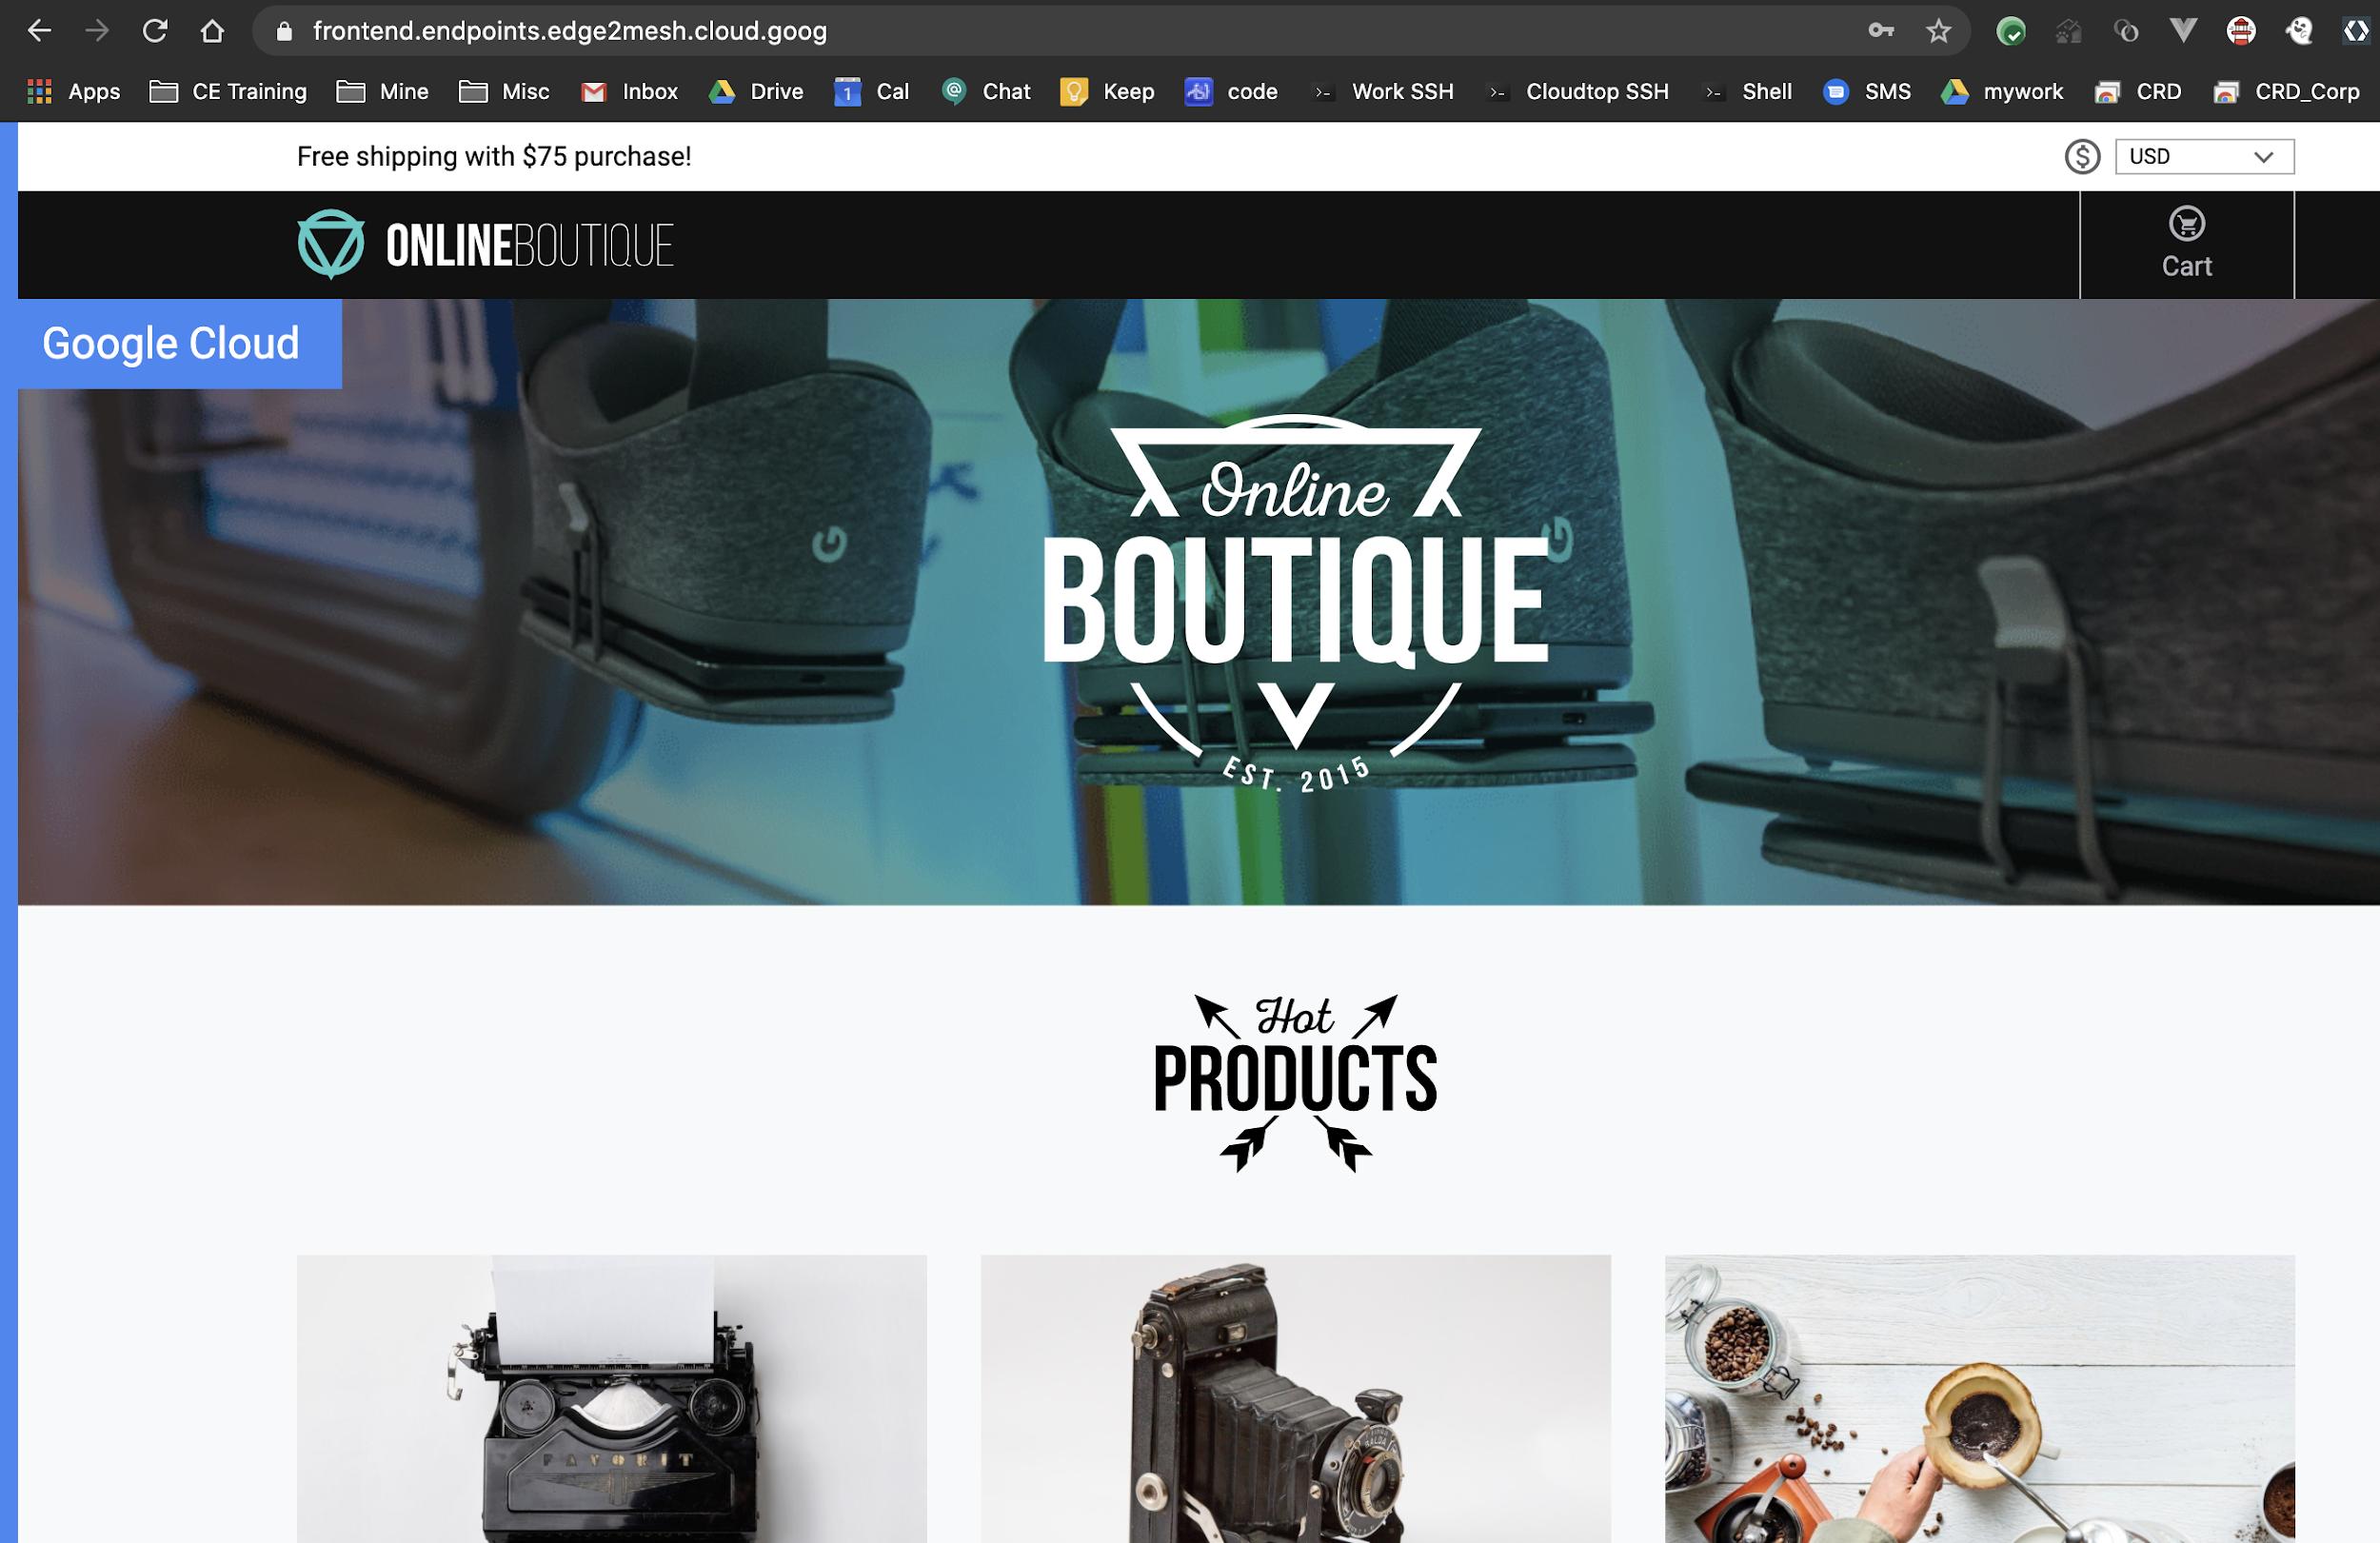 Online Boutique のホームページに表示される商品。